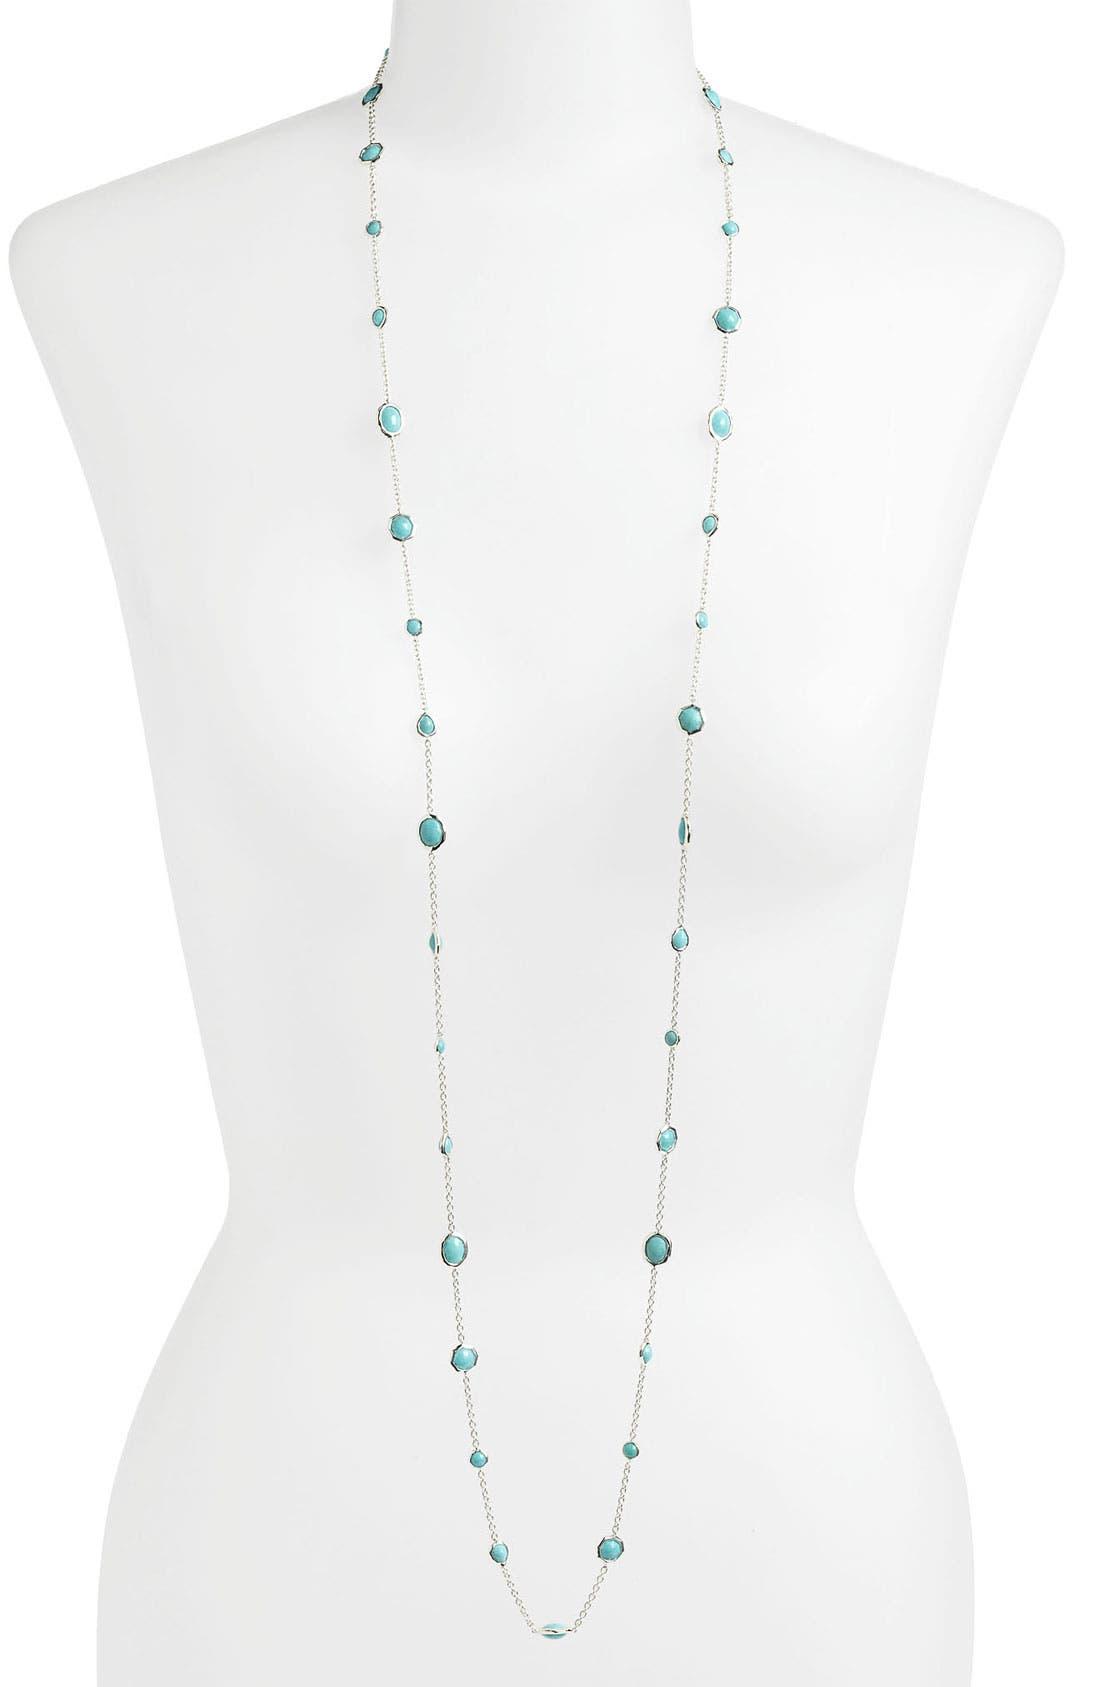 Main Image - Ippolita 'Wonderland' Extra Long Station Necklace